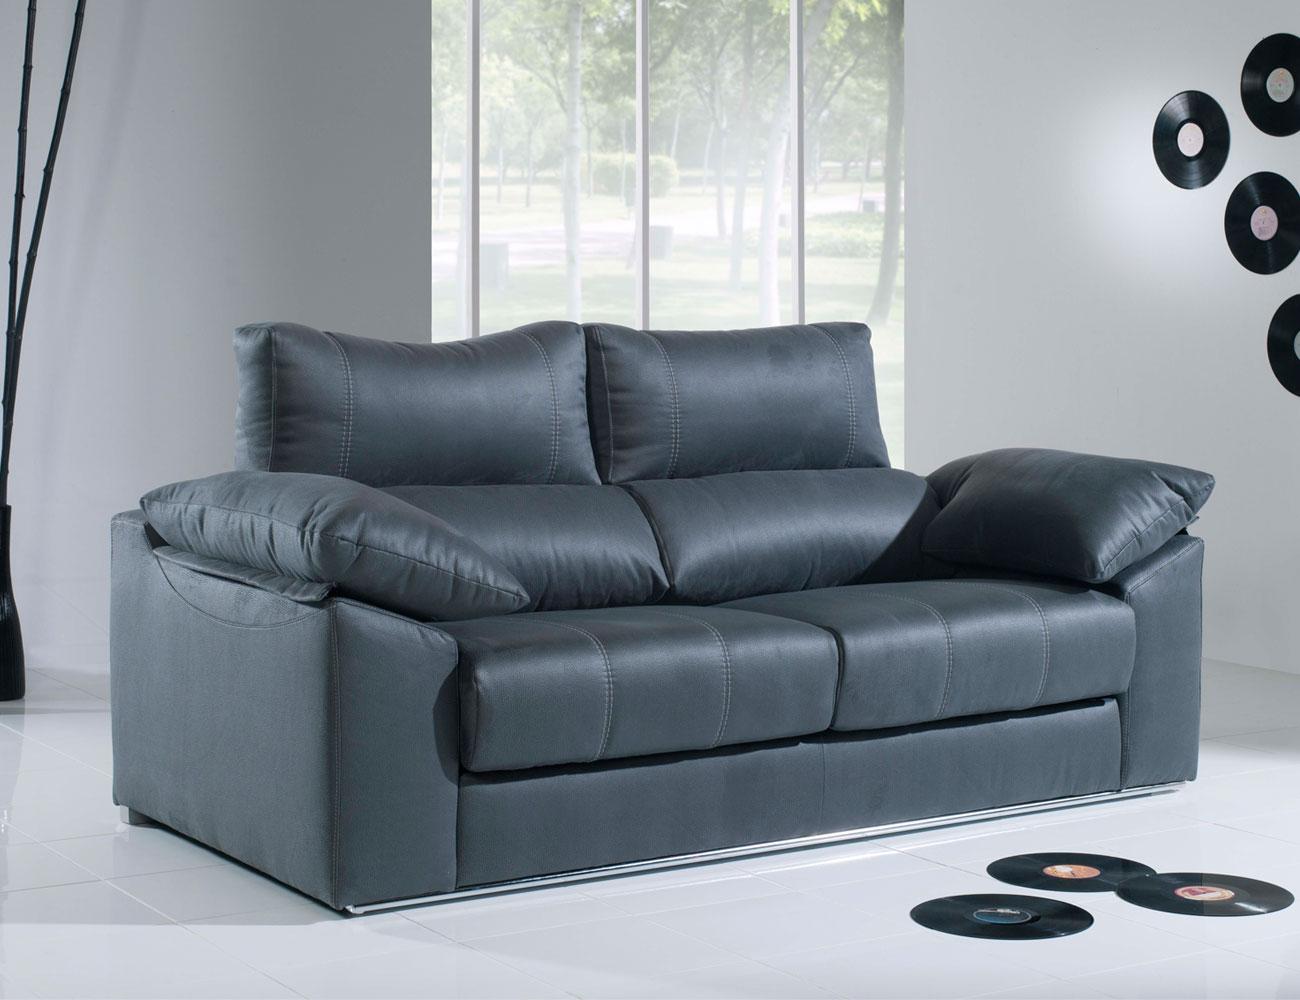 Sofa 3 plazas moderno con barra37